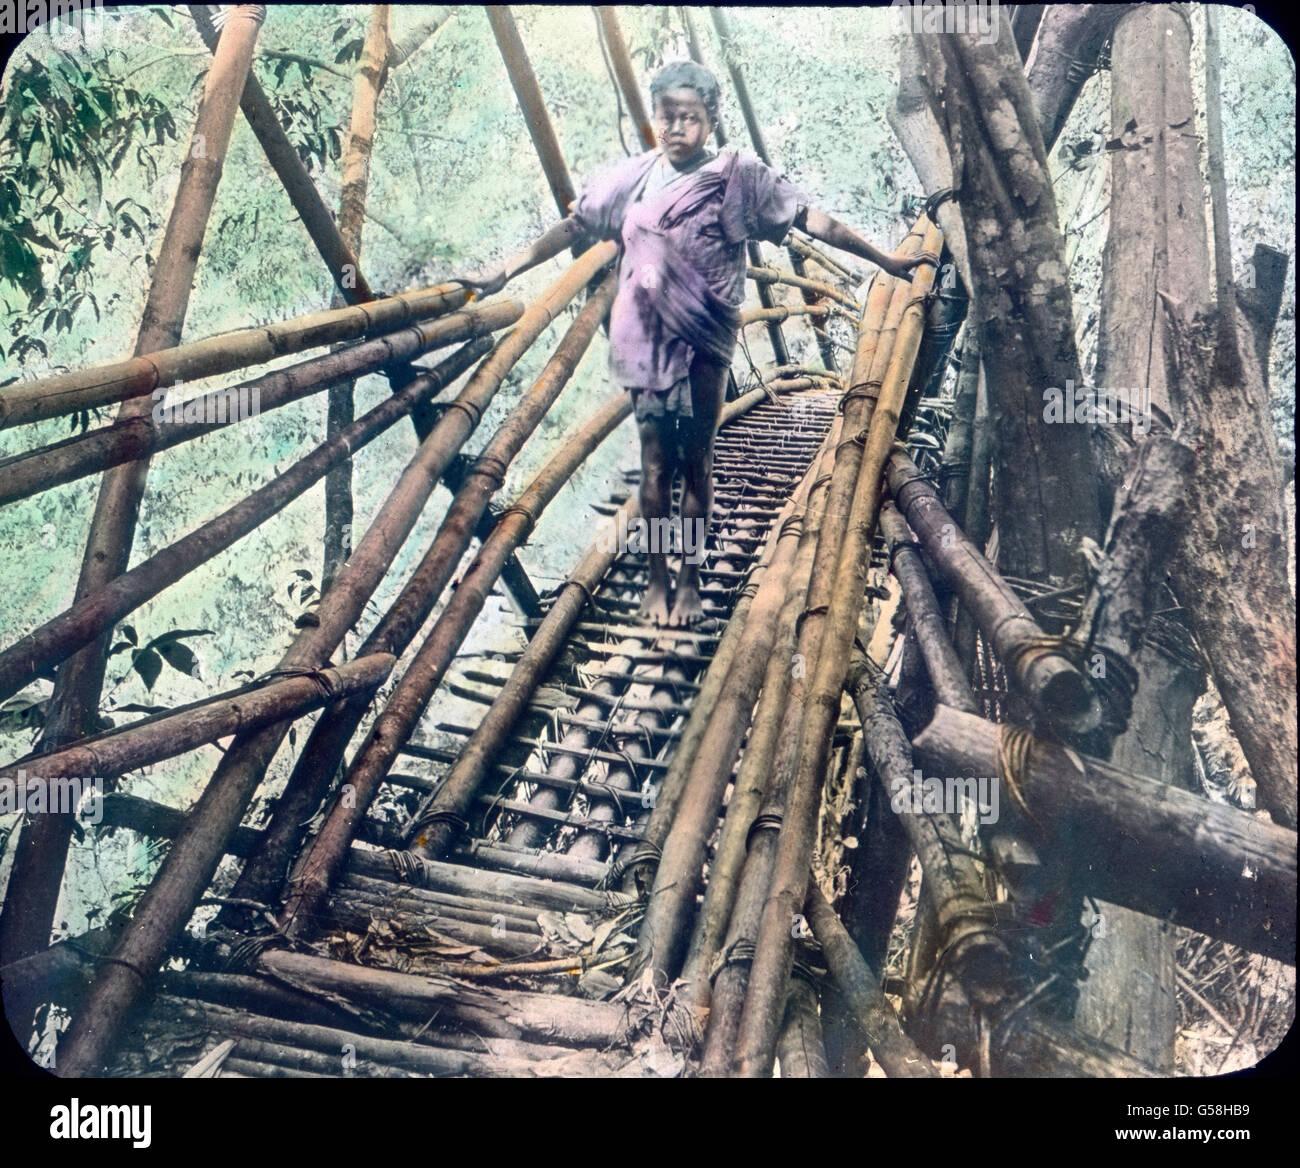 Ein indisches tipo steht auf einer aus Bambus gefertigten Brücke über einer Dschungelschlucht. India, Immagini Stock